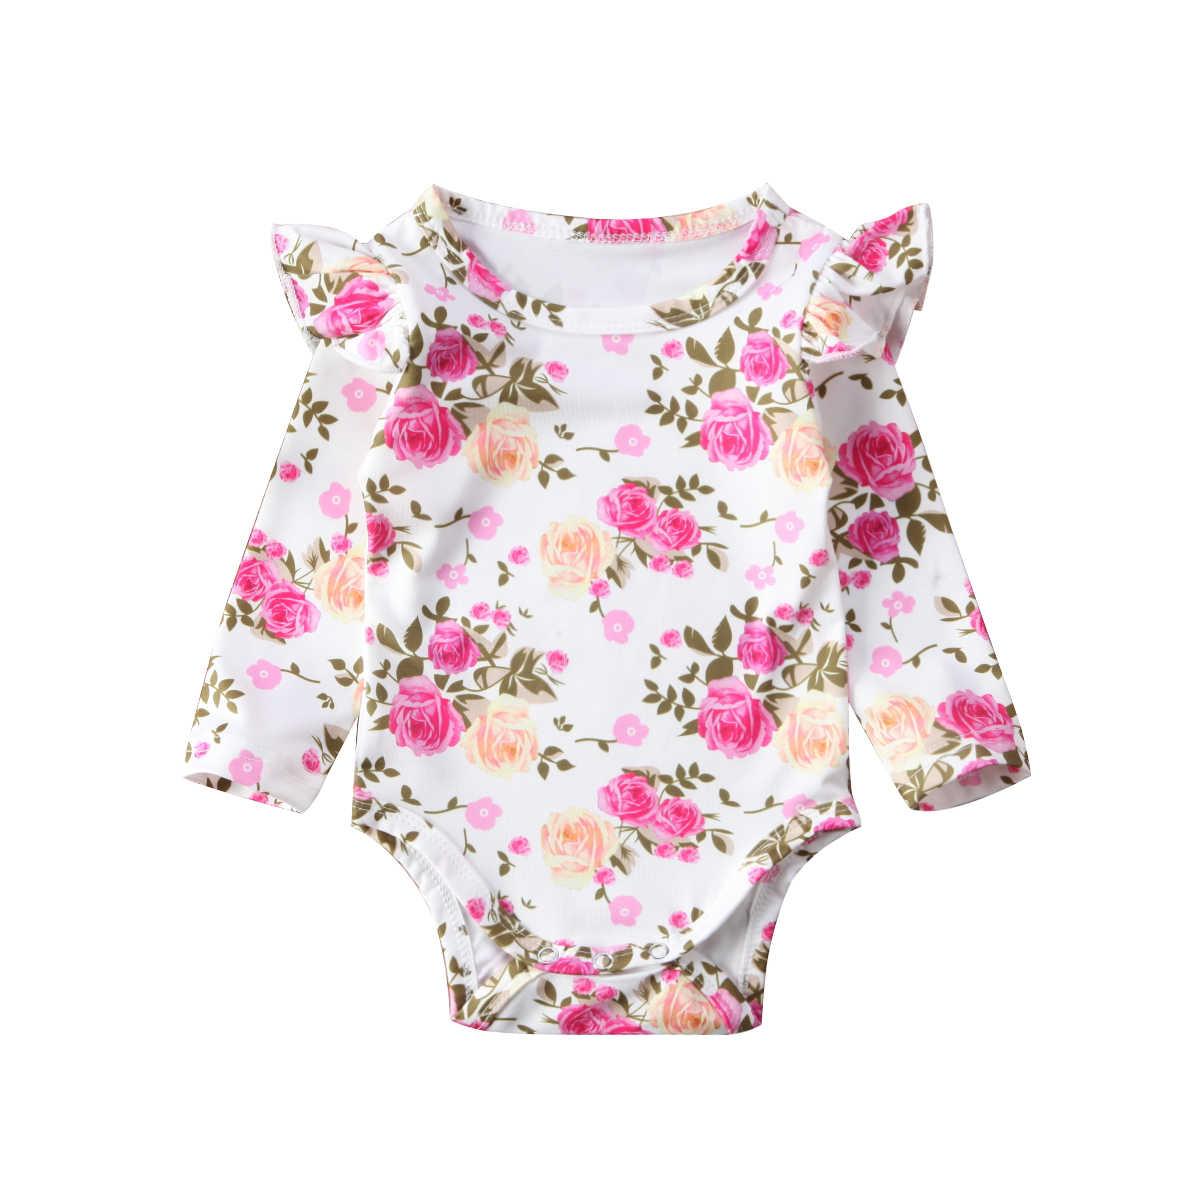 אופנה 2018 חמוד תינוקות יילוד תינוקת פרחוני Romper ראפלס סרבל תלבושות בגדים